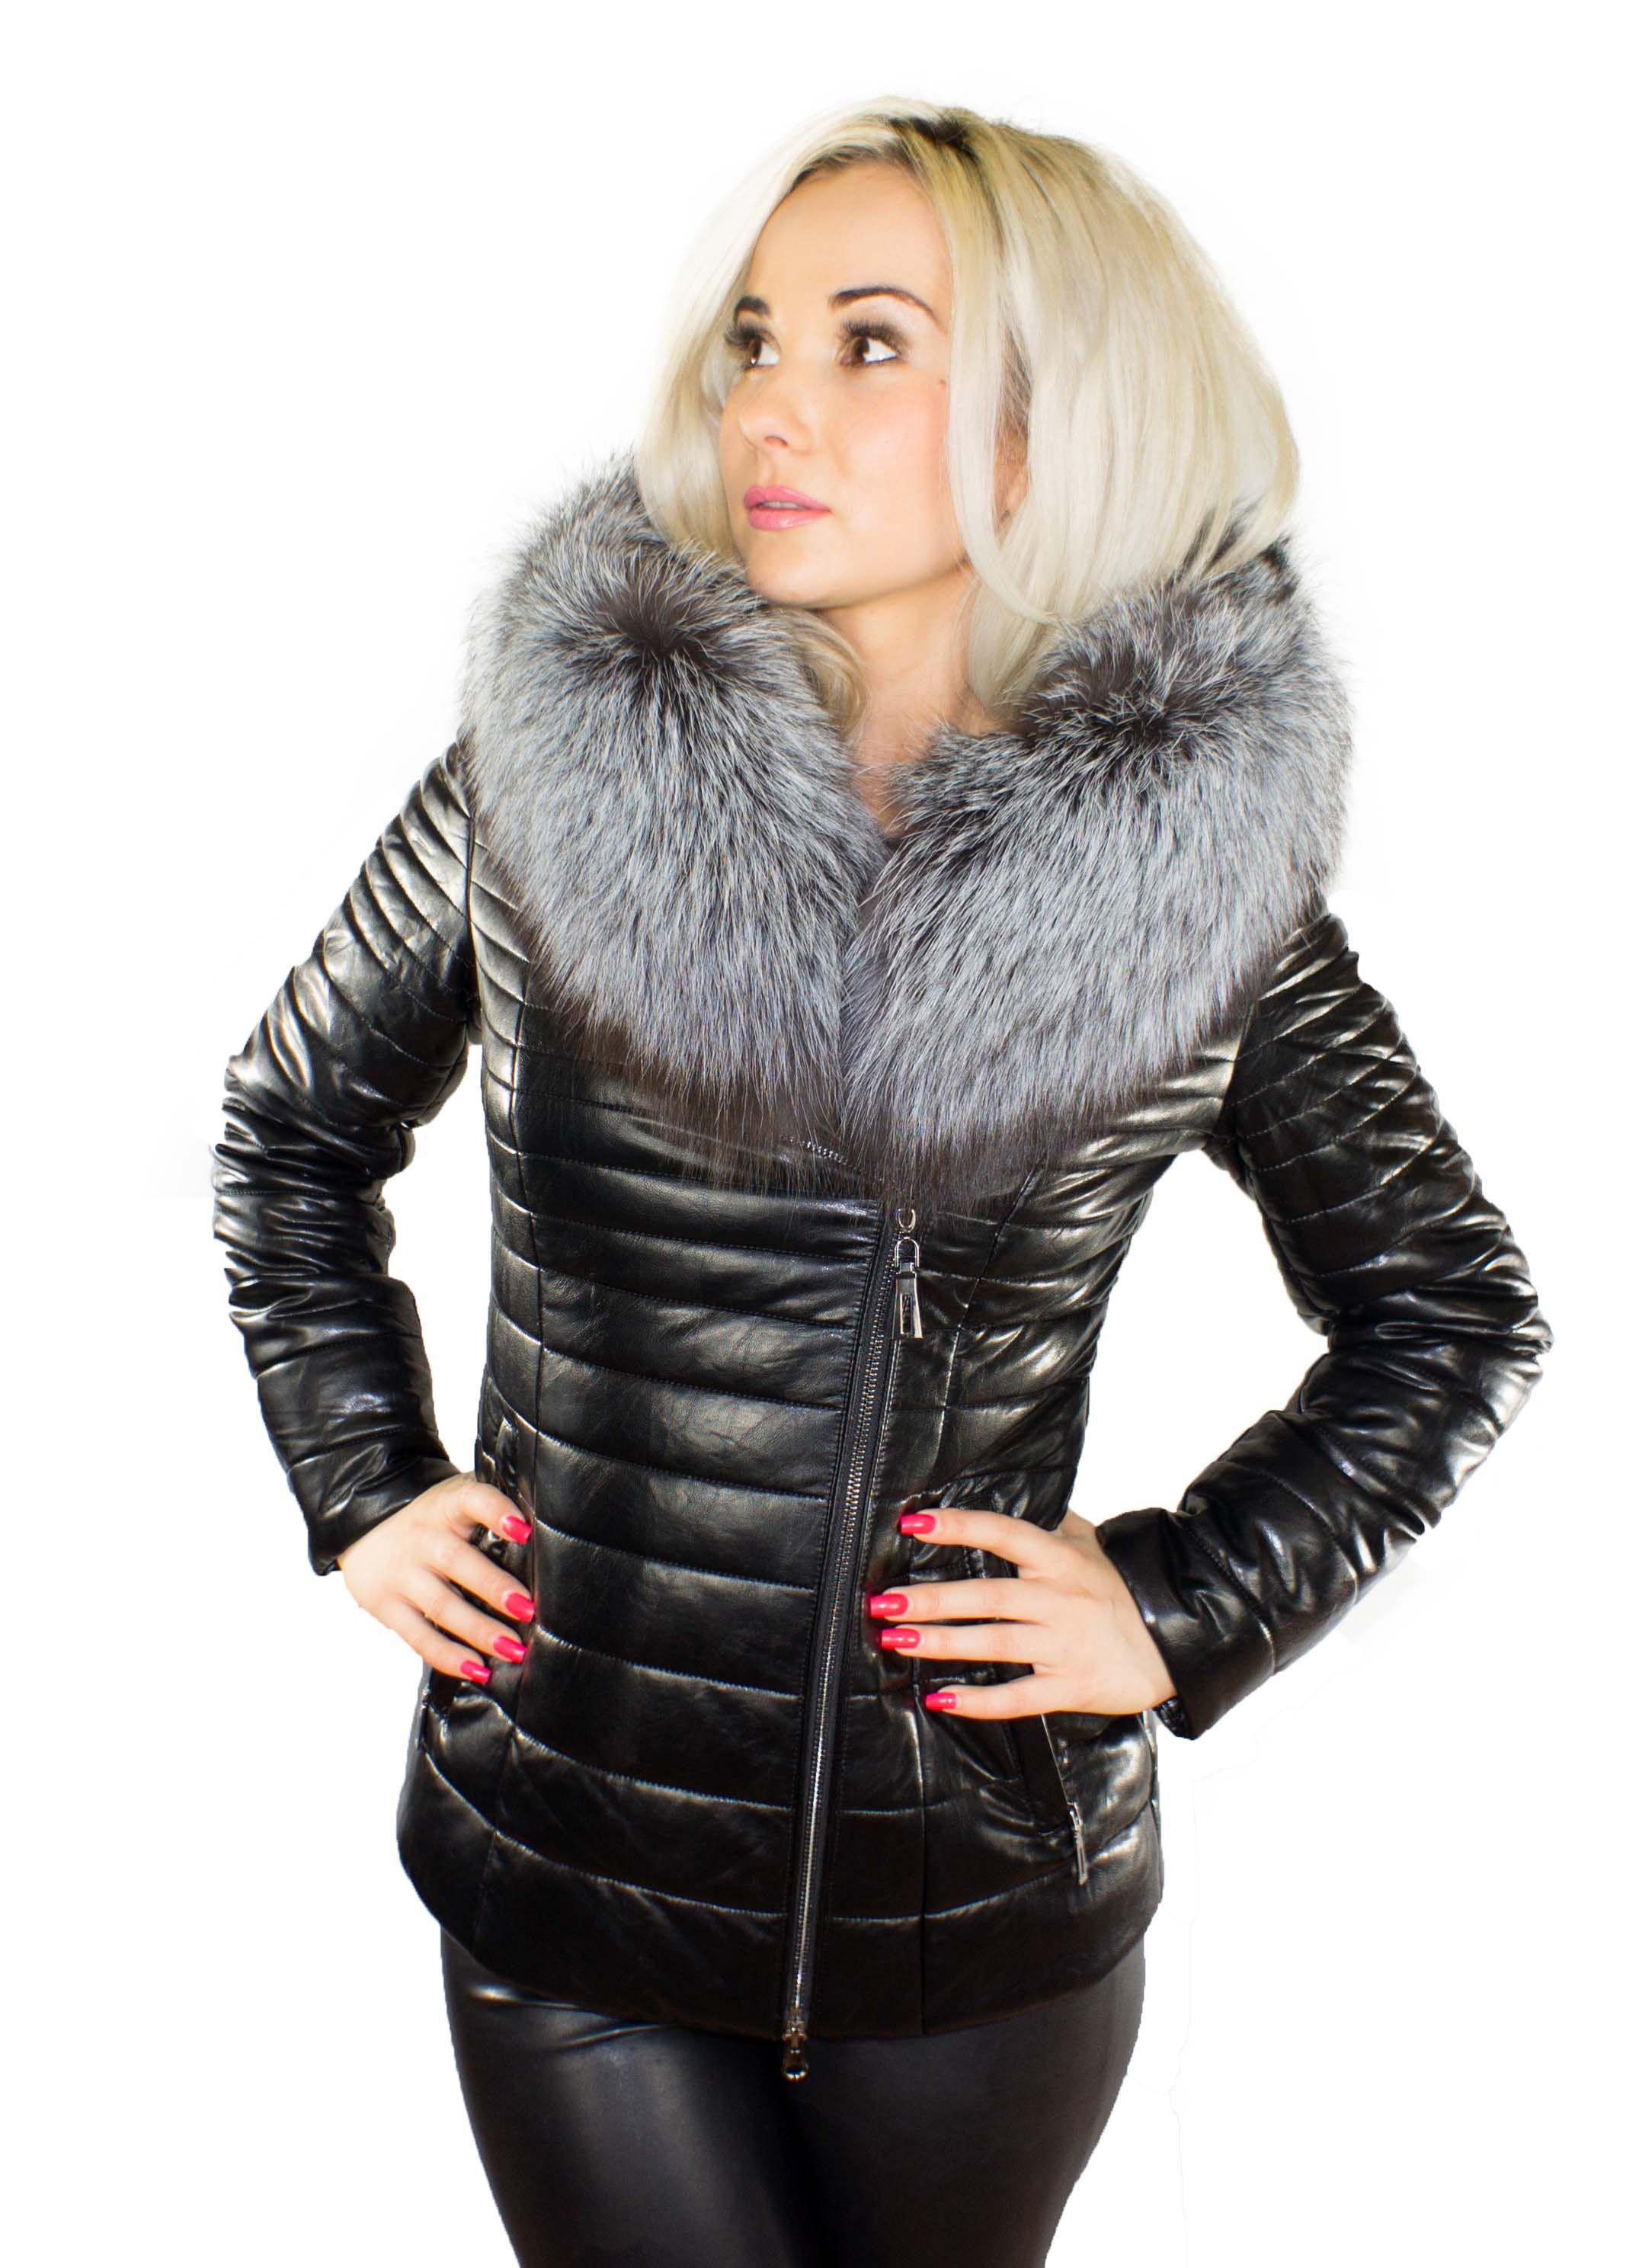 Sehr Schone Warme Winterjacke Von H M Den Reissverschluss Muss Man Richtig Hochziehen Winterjacke Mit Fell Jacken Winterjacken